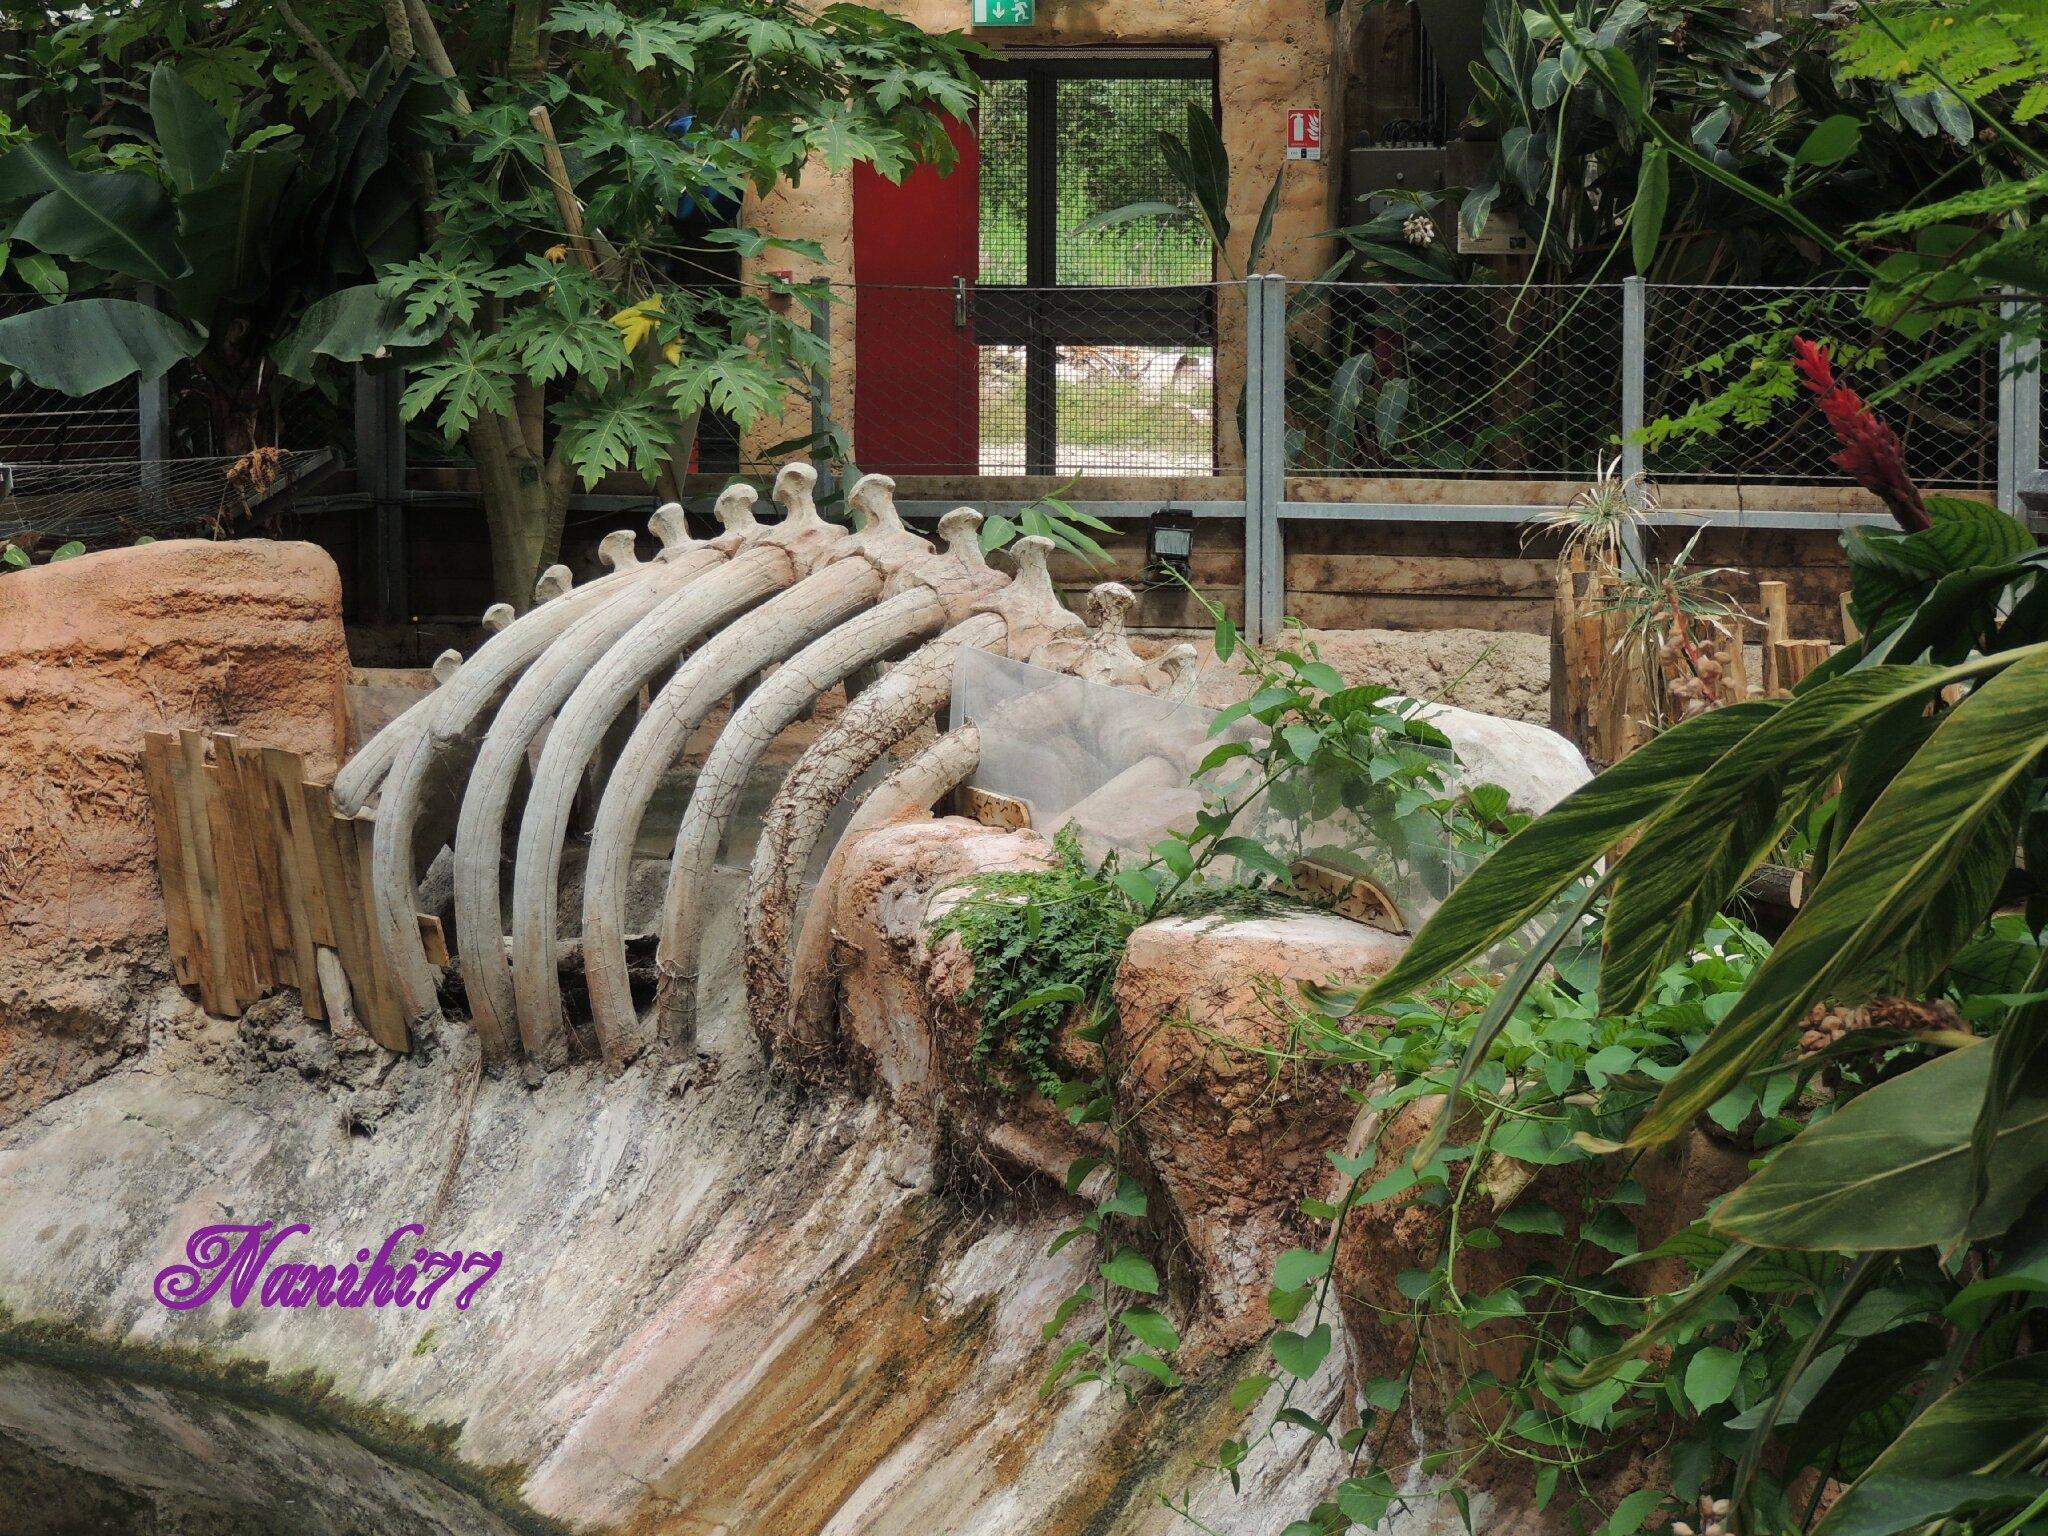 Il ny a pas que des crocodiles ou des caïmans on trouve aussi un parc de tortues de terre à lintérieur de la serre et des tortues de mer à lextérieur de